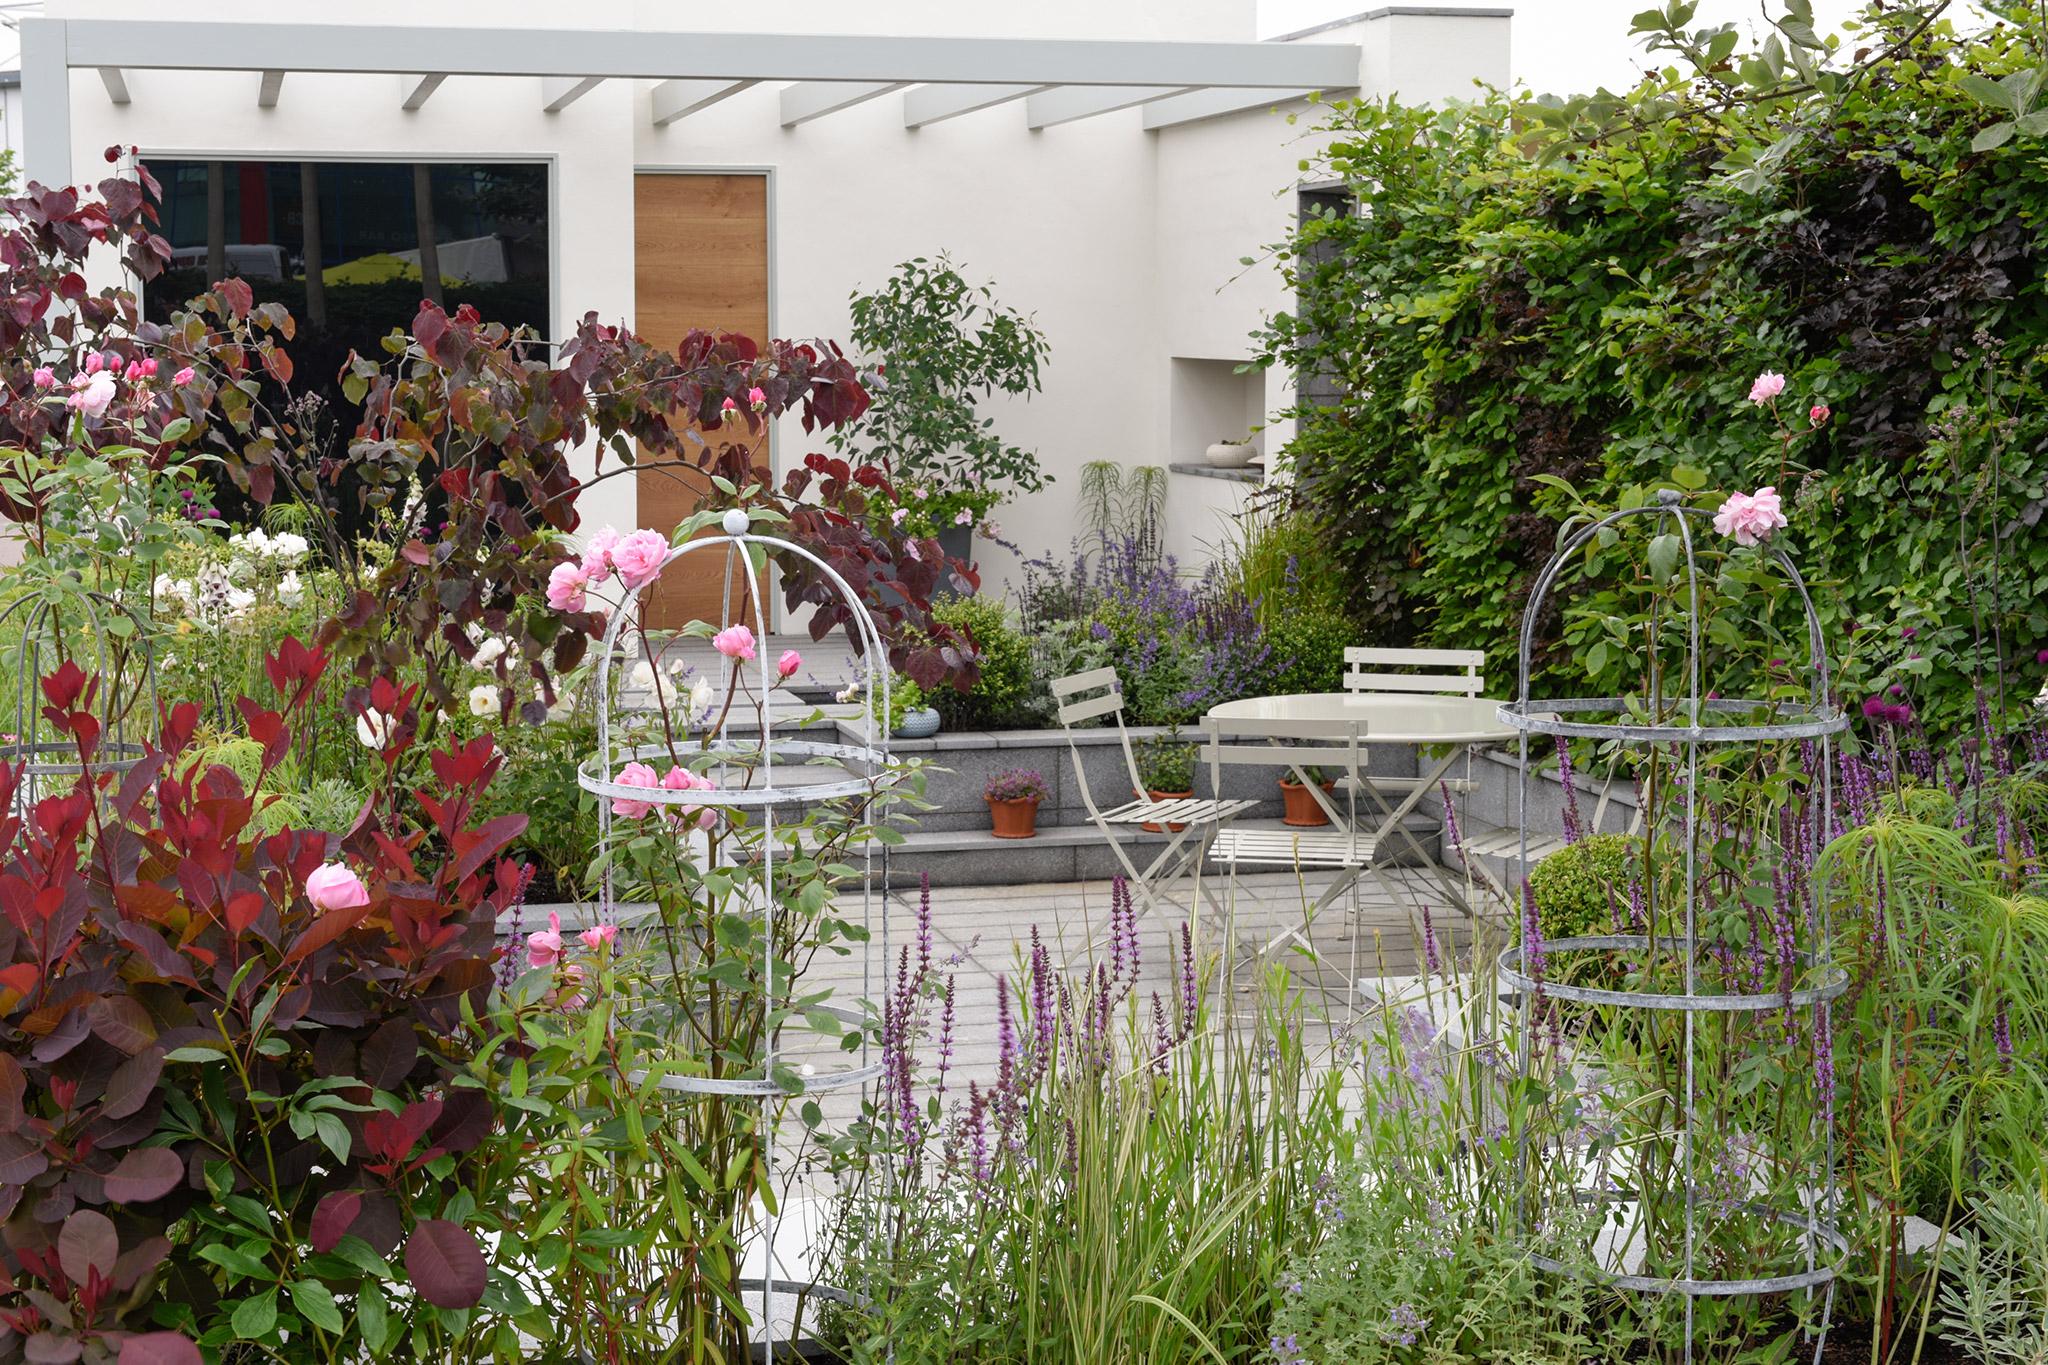 show-garden-at-bbc-gardeners-world-live-2